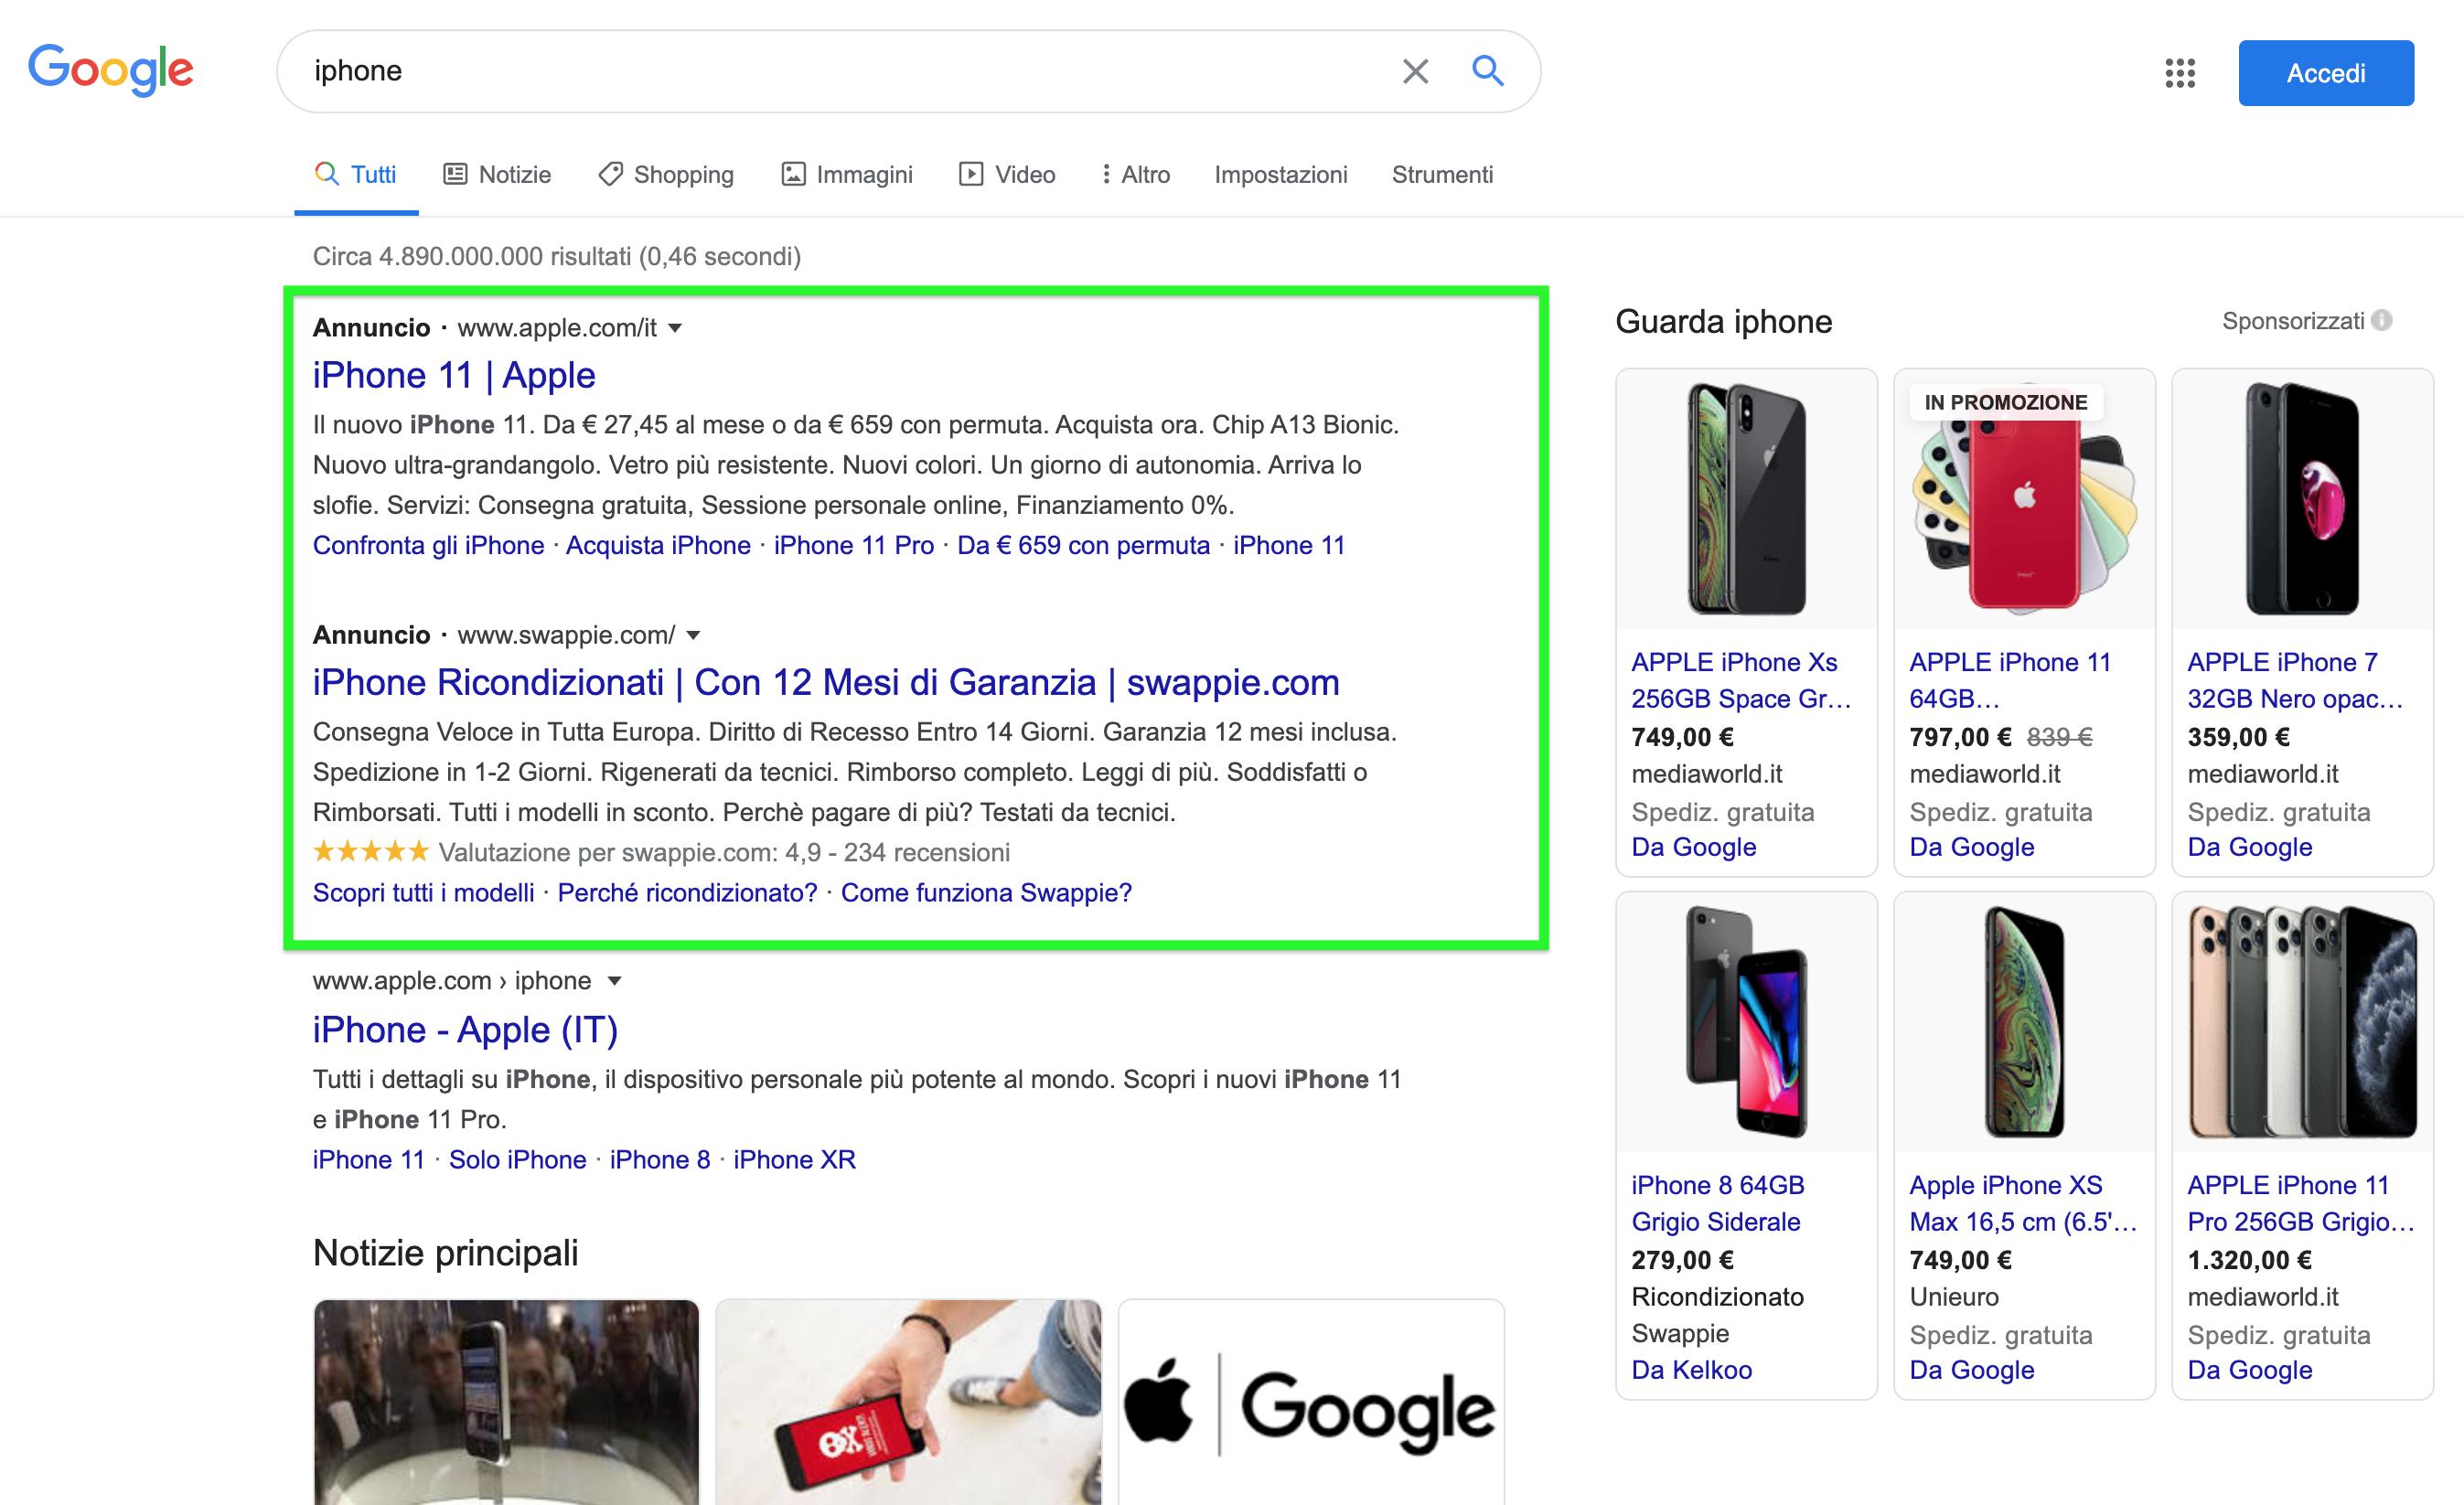 Google Ads (Adwords) search, annunci a pagamento nei risultati organici